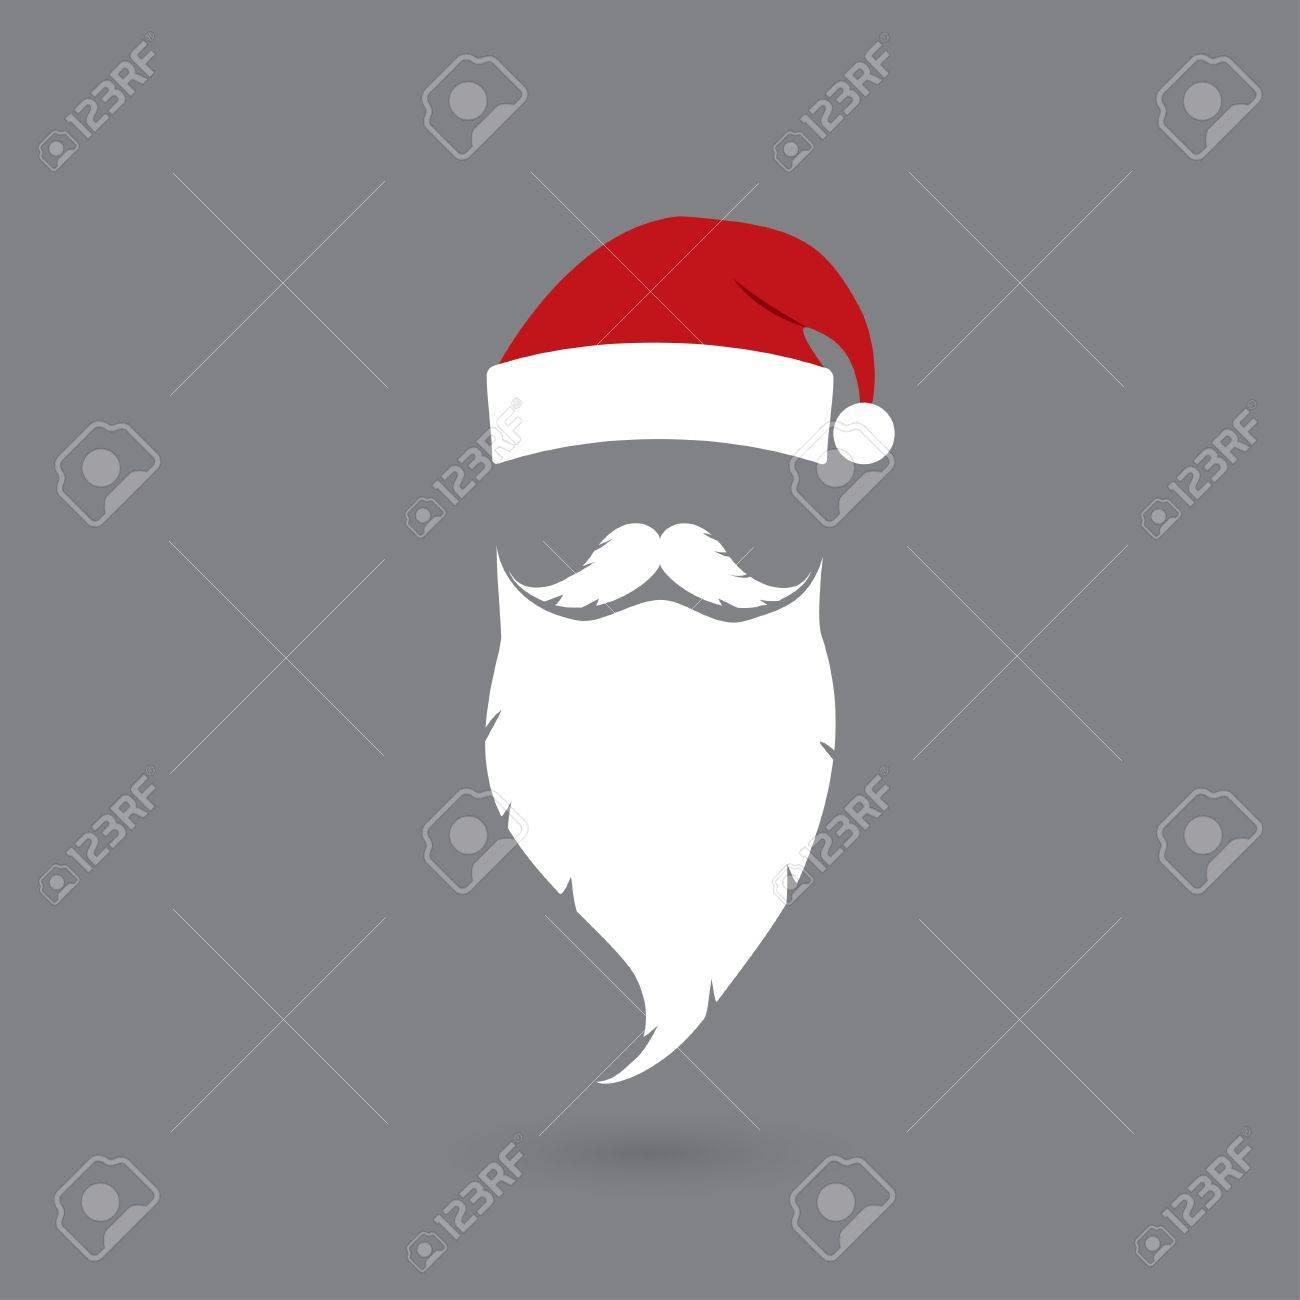 6d61fa2c47f hat and beard Santa claus Stock Vector - 33881941